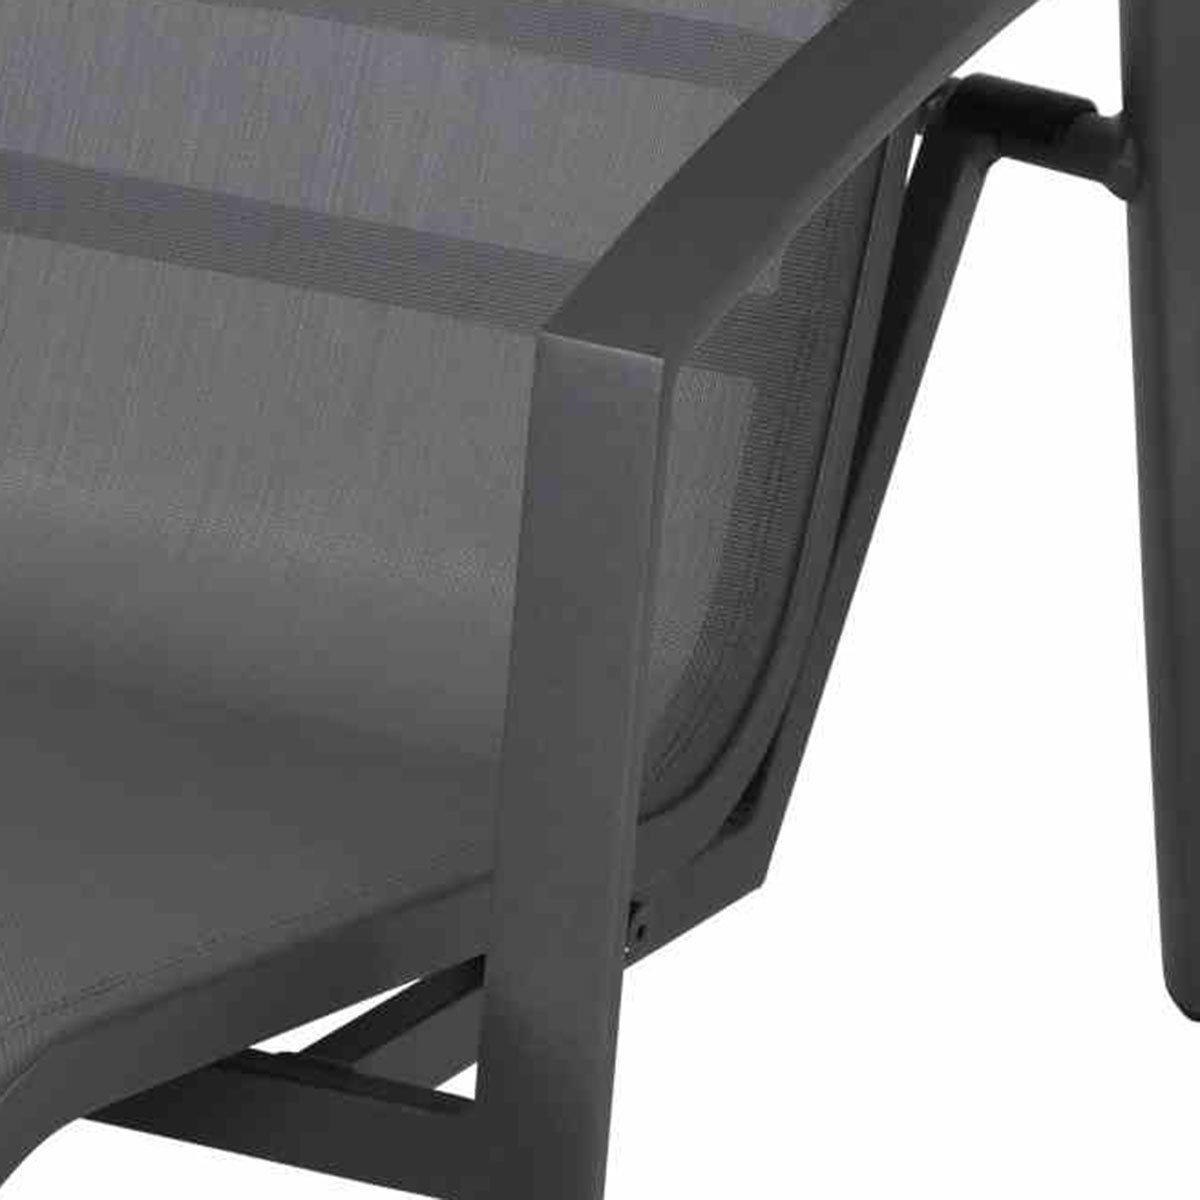 Gerona Sonnenliege, 103x68x148 cm, Aluminium, grau | #5